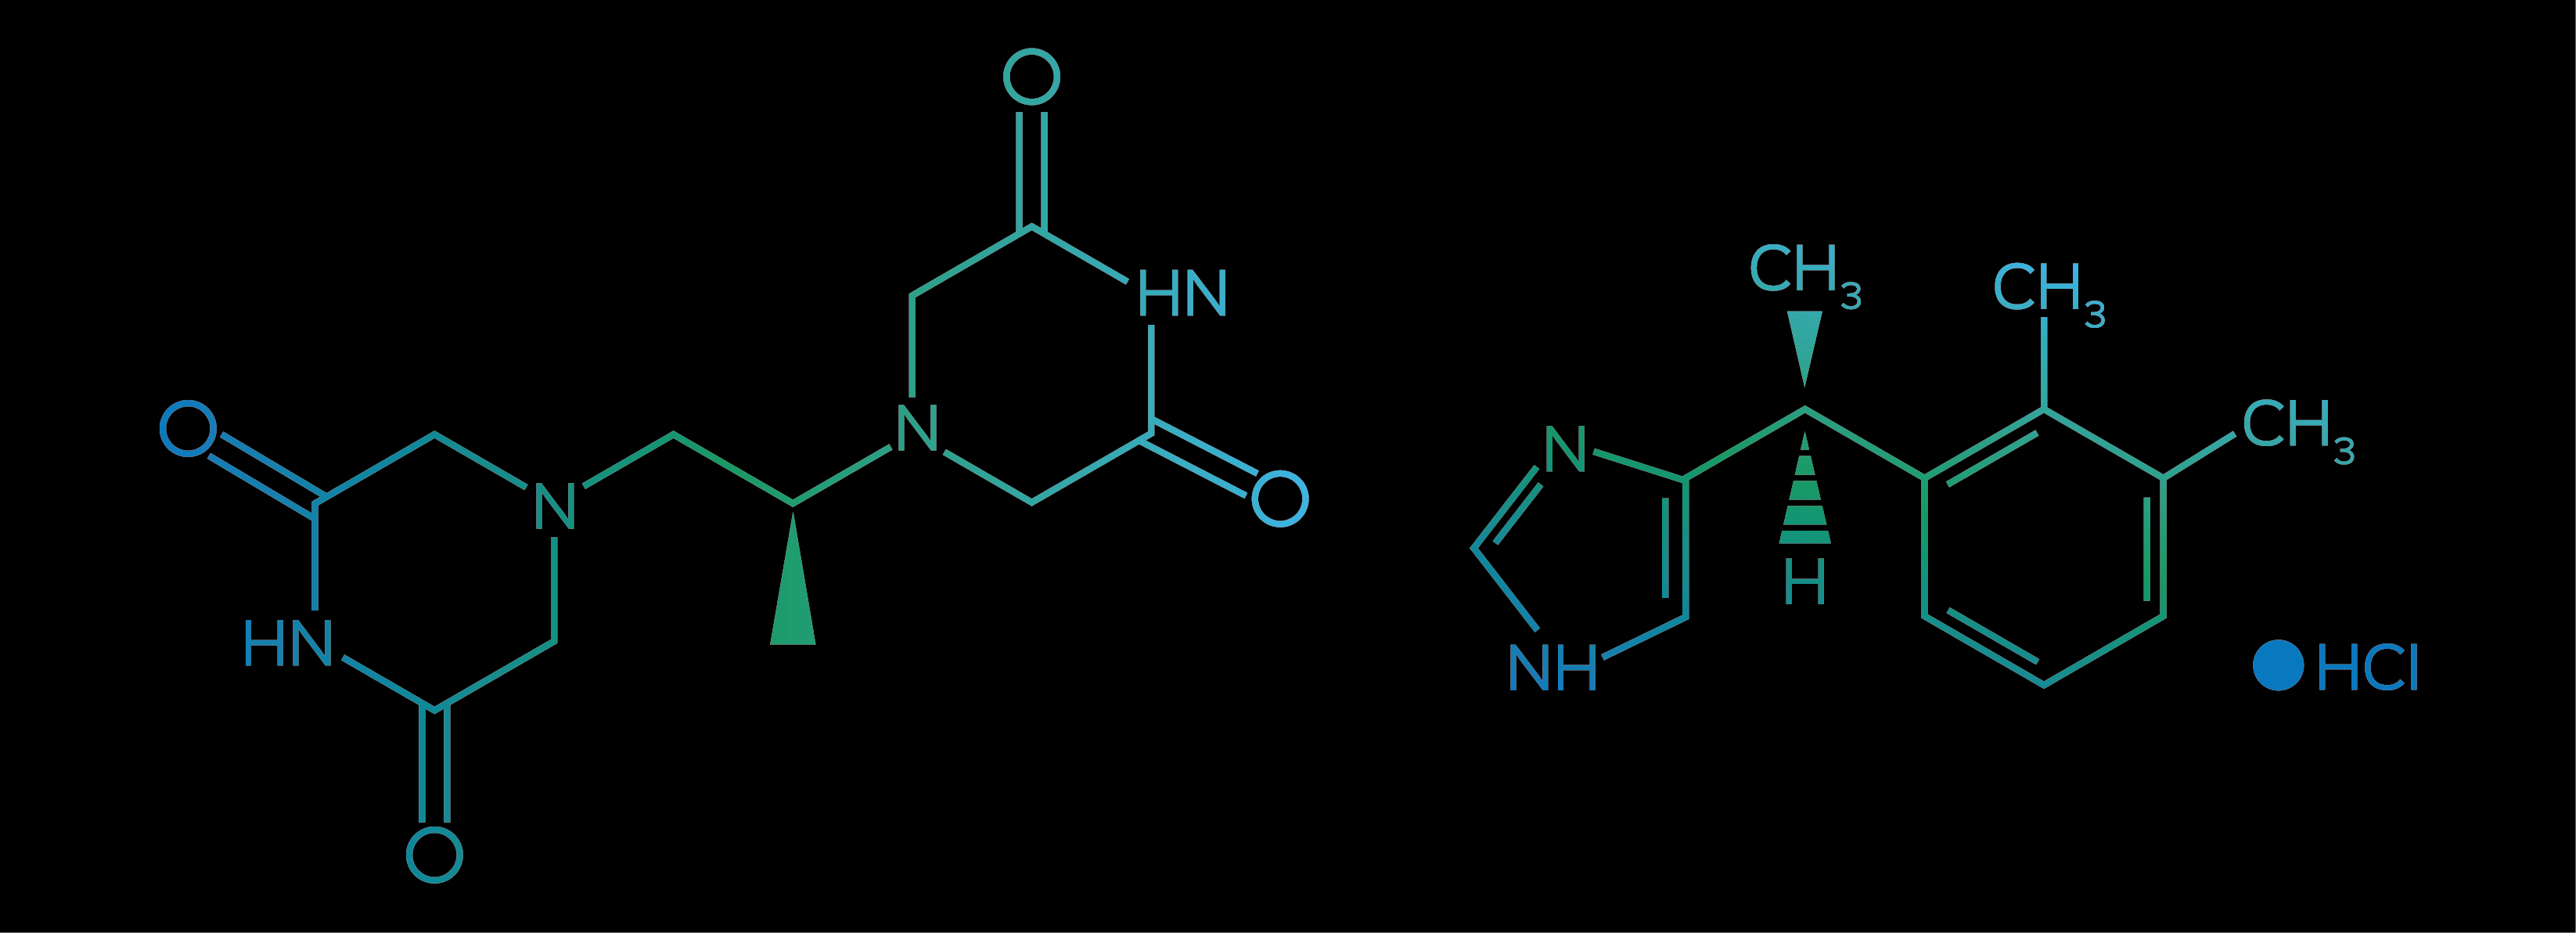 generic-api-molecules